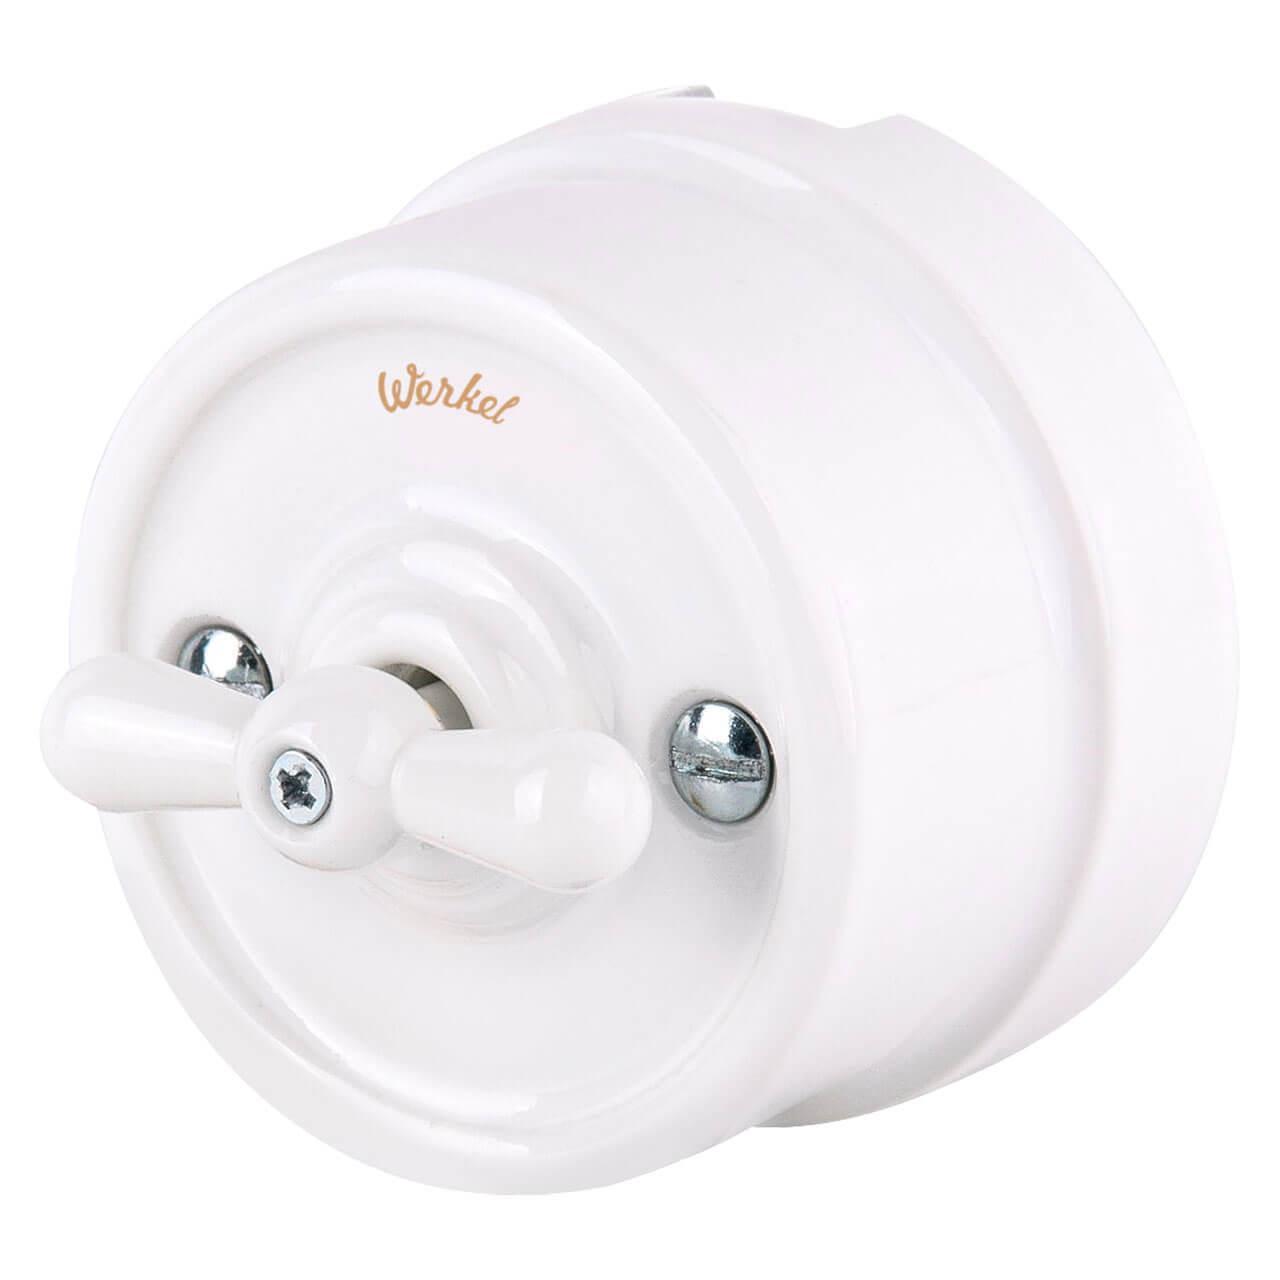 Переключатель Werkel одноклавишный Retro белый WL18-01-03 4690389100604